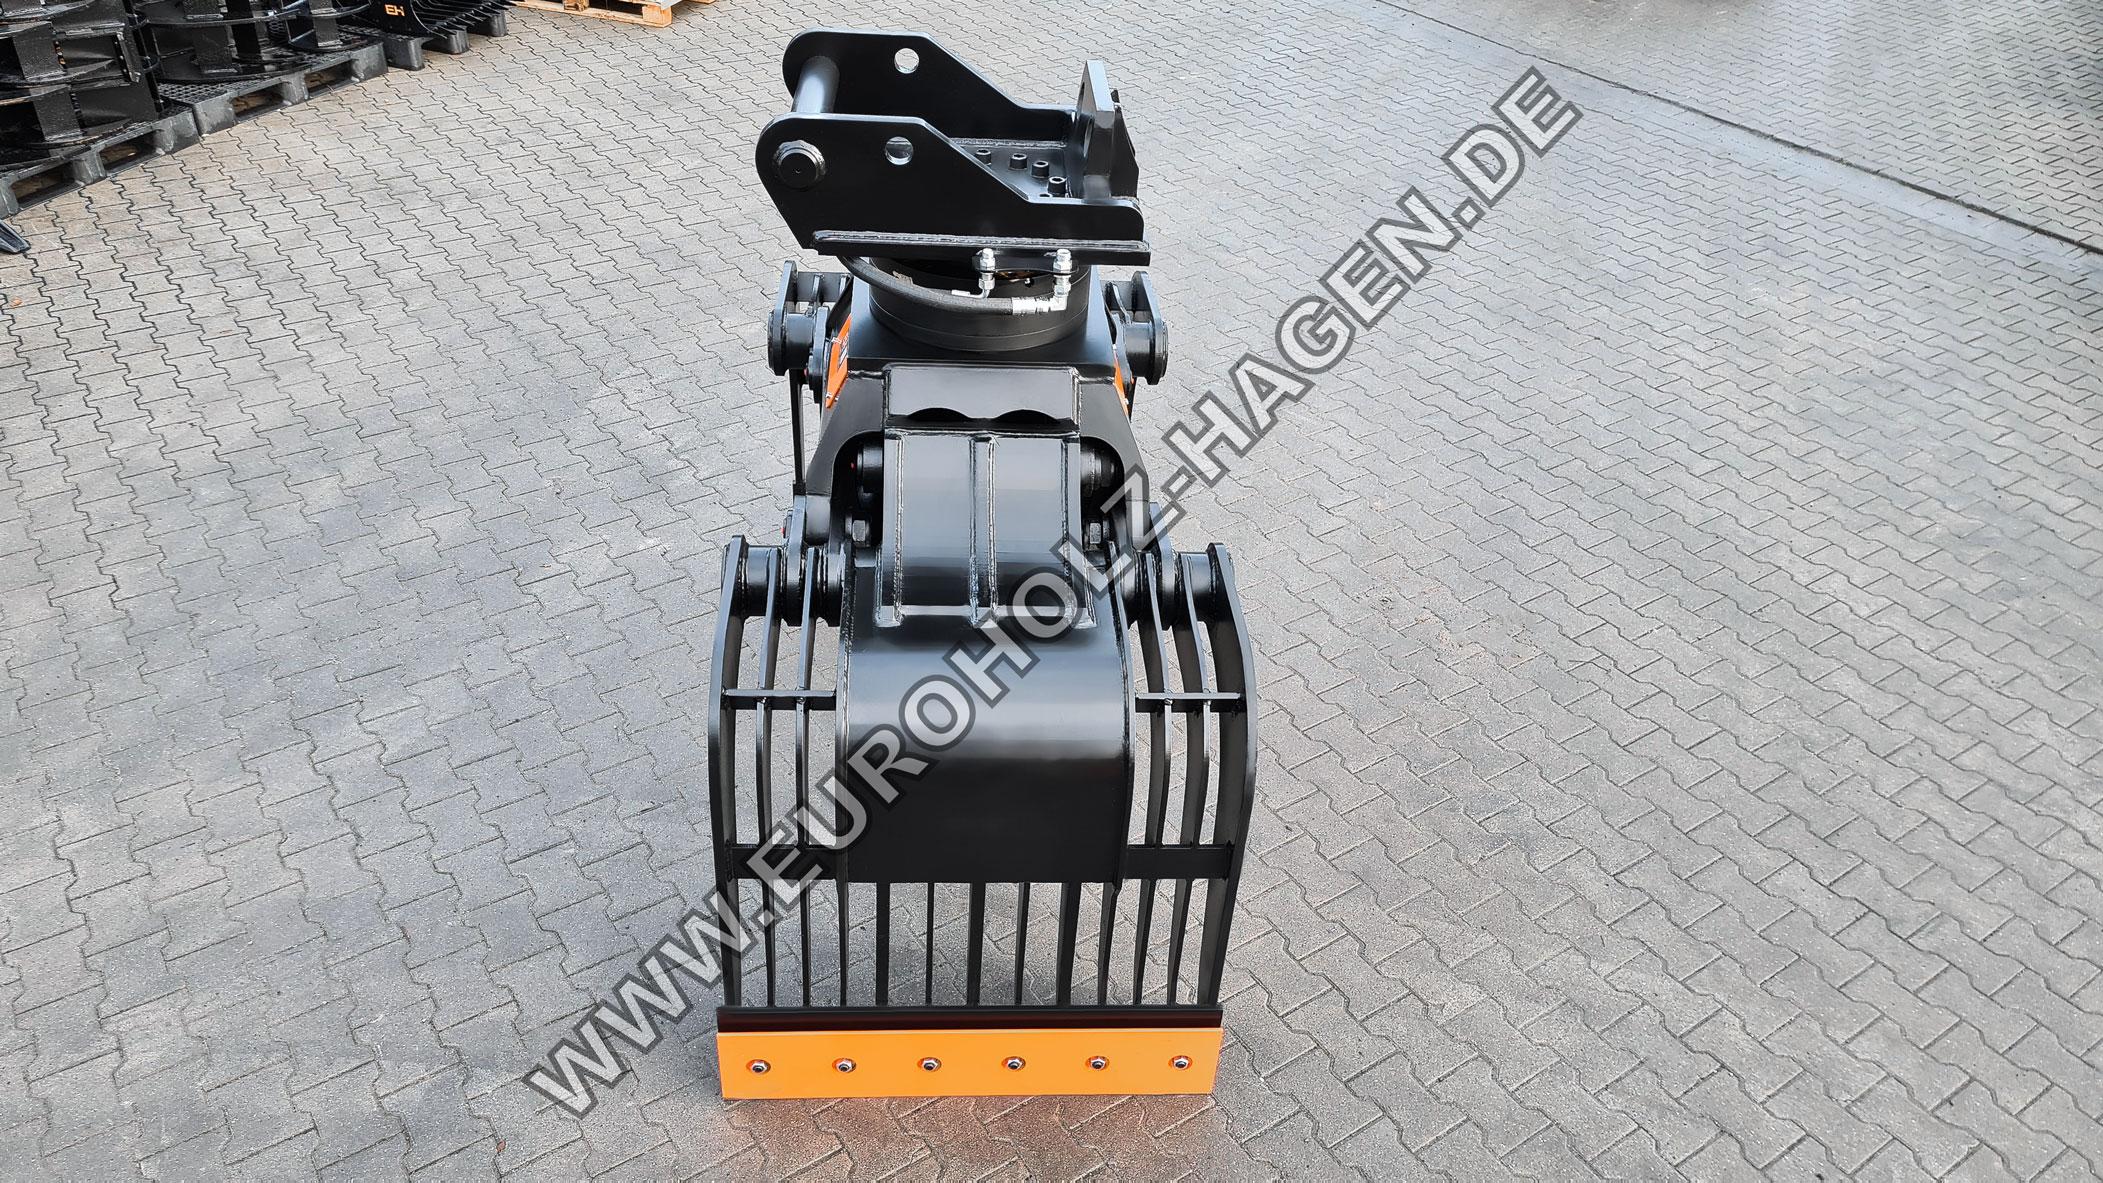 Abbruchgreifer mit THUMM Rotator Typ 625H passend für Lehnhoff MS21 Kat.3